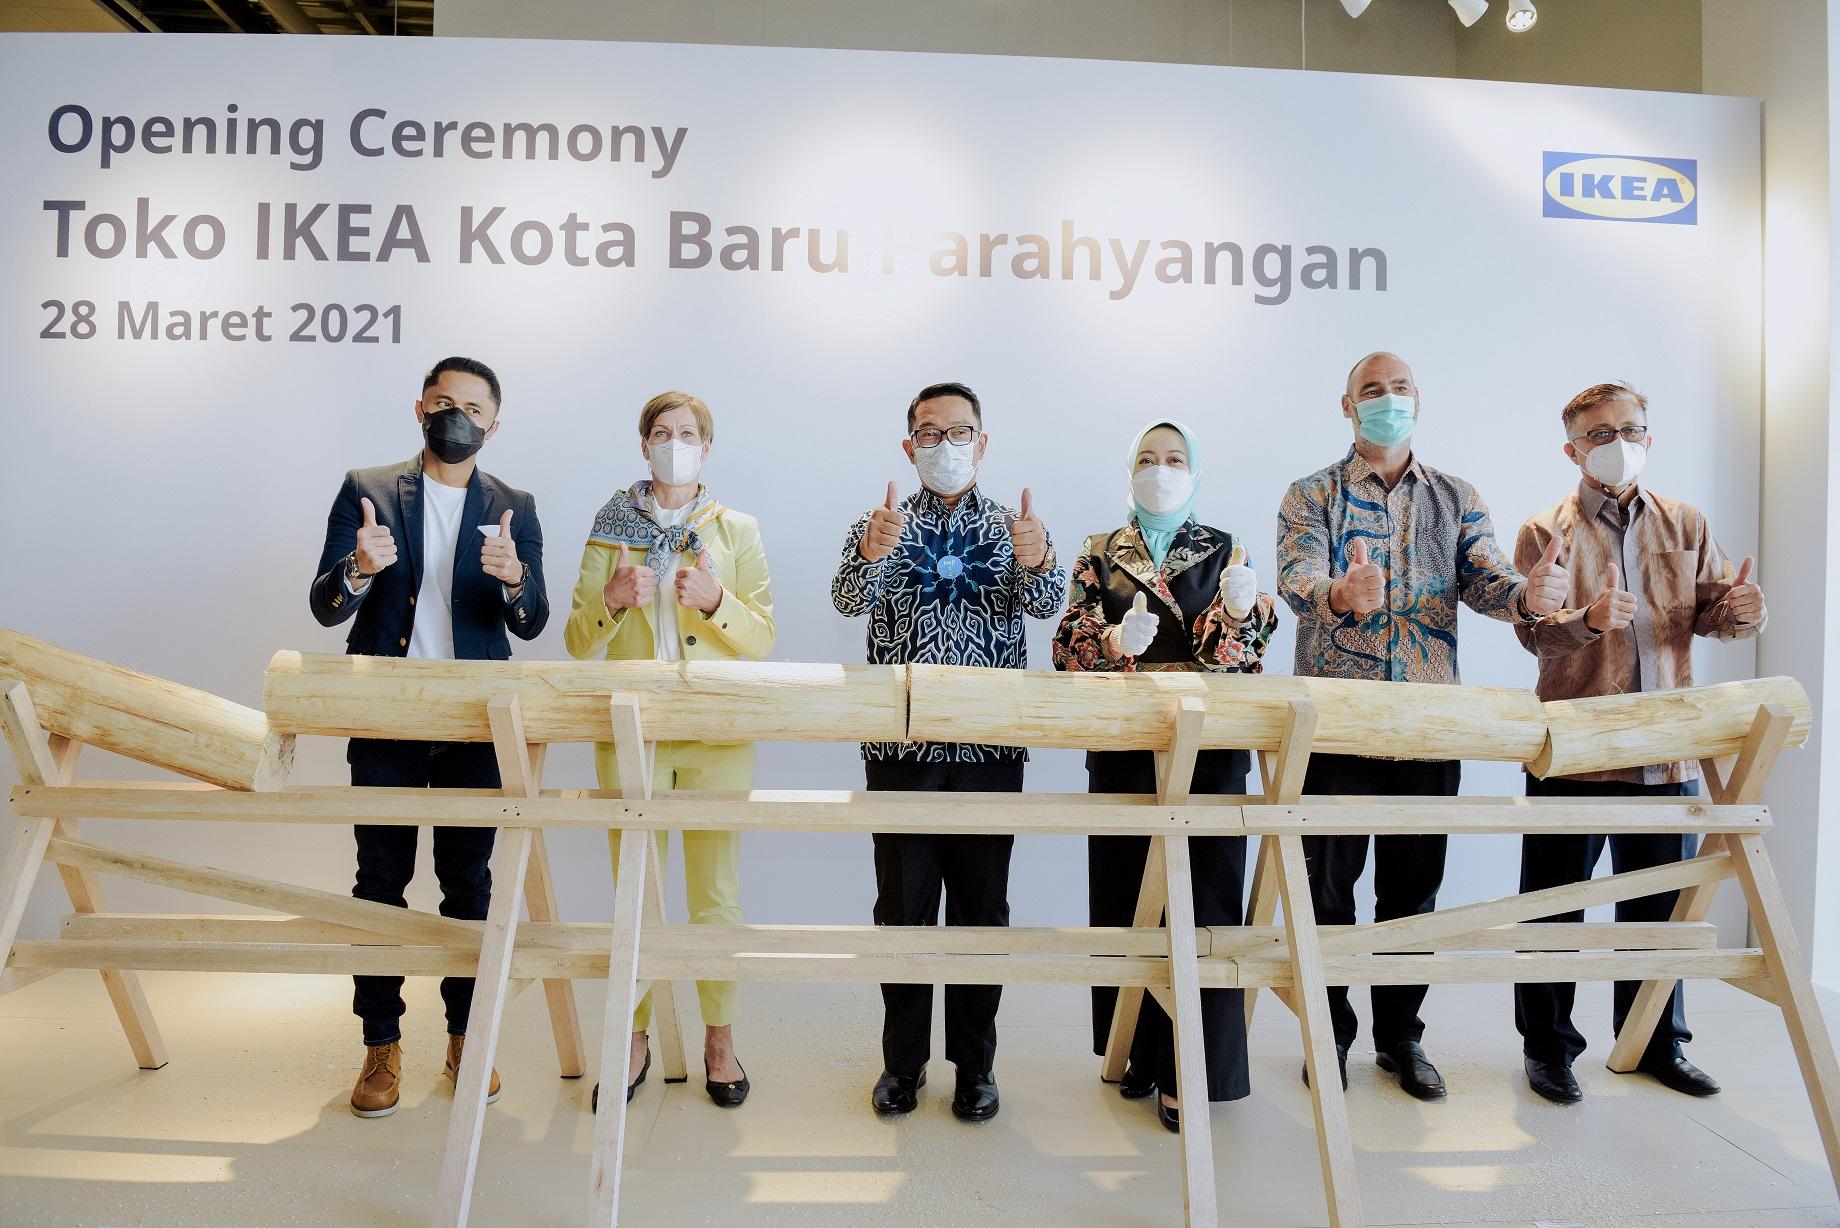 Jadikan Bandung Rumah Baru, IKEA Kota Baru Parahyangan Berikan Kontribusi Positif untuk Komunitas Lokal